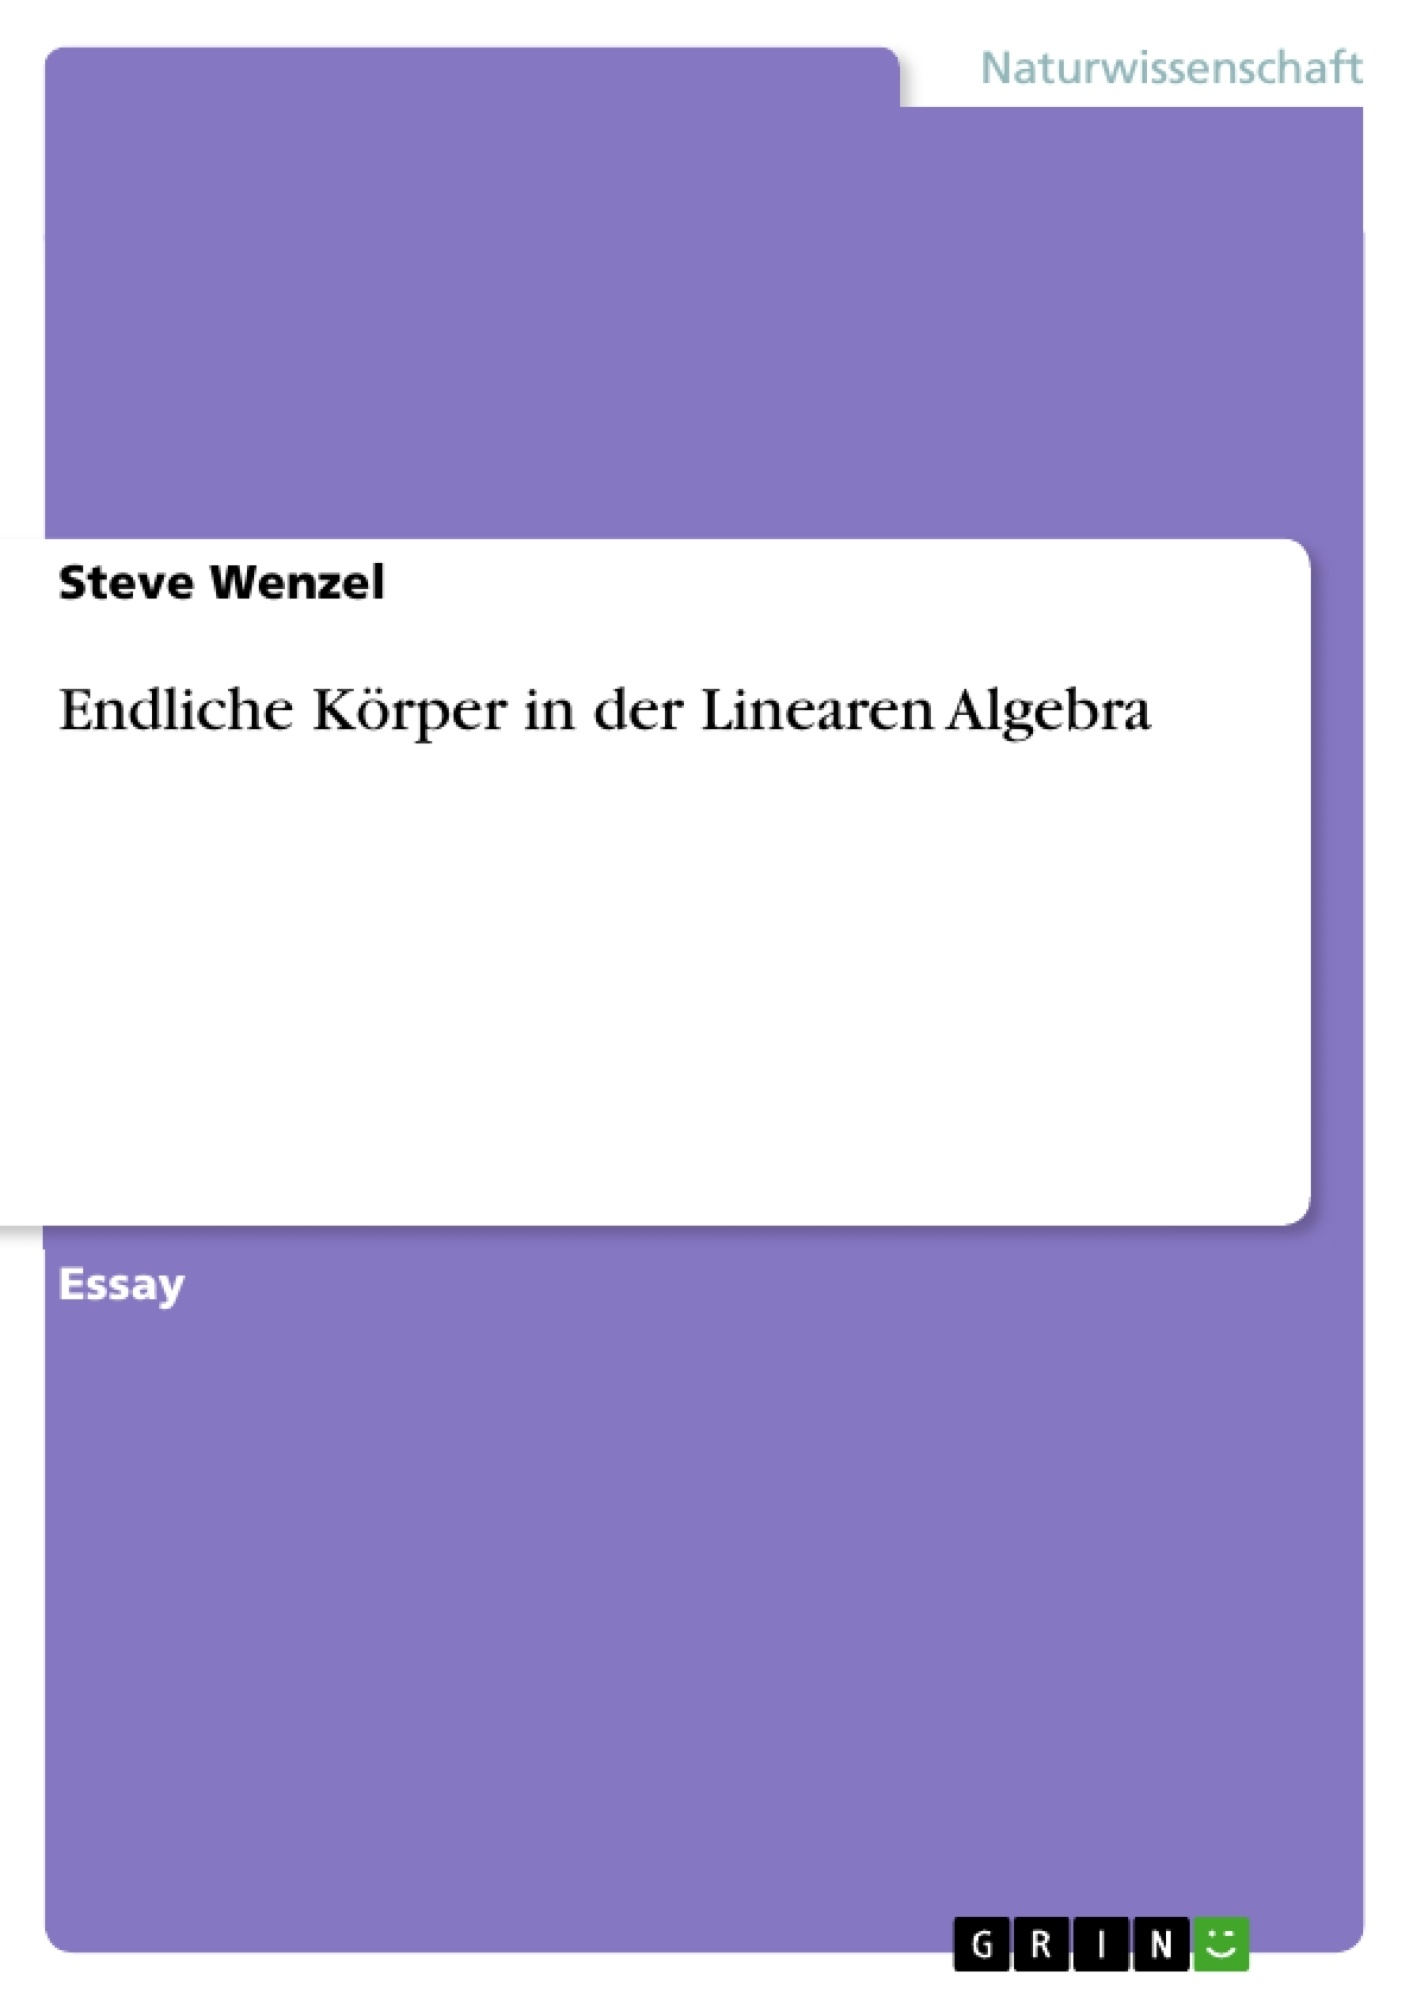 Titel: Endliche Körper in der Linearen Algebra